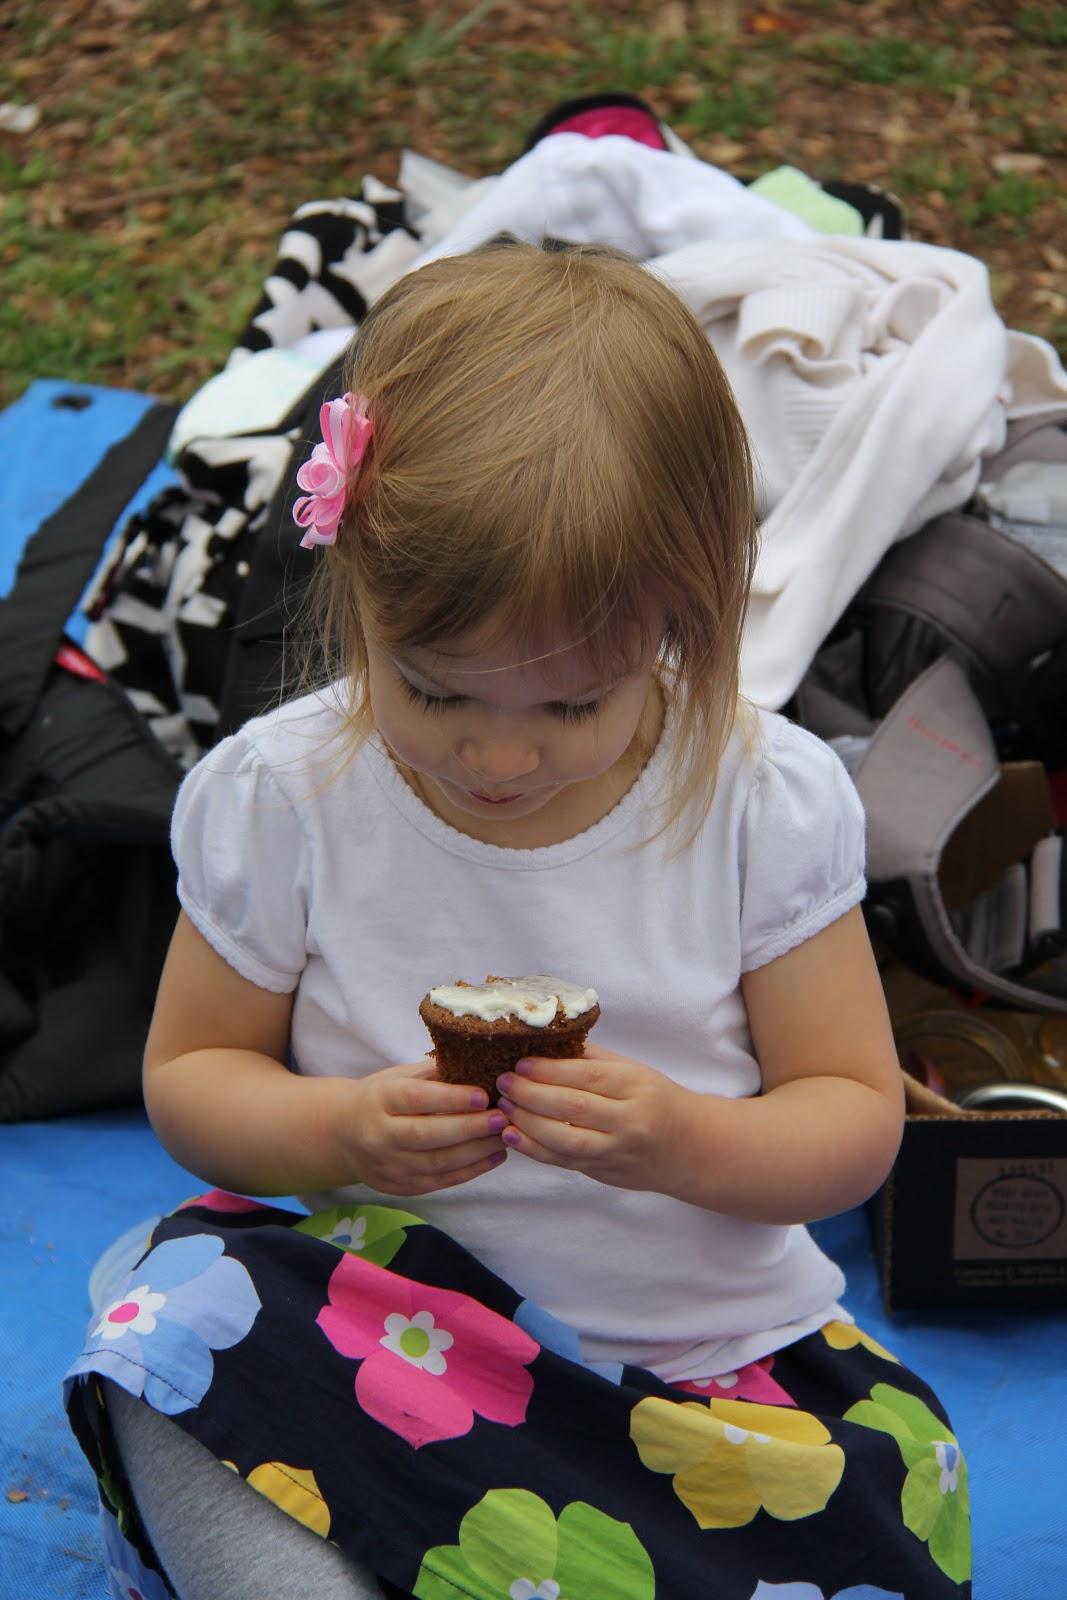 Fremont Gerber Baby Food Festival